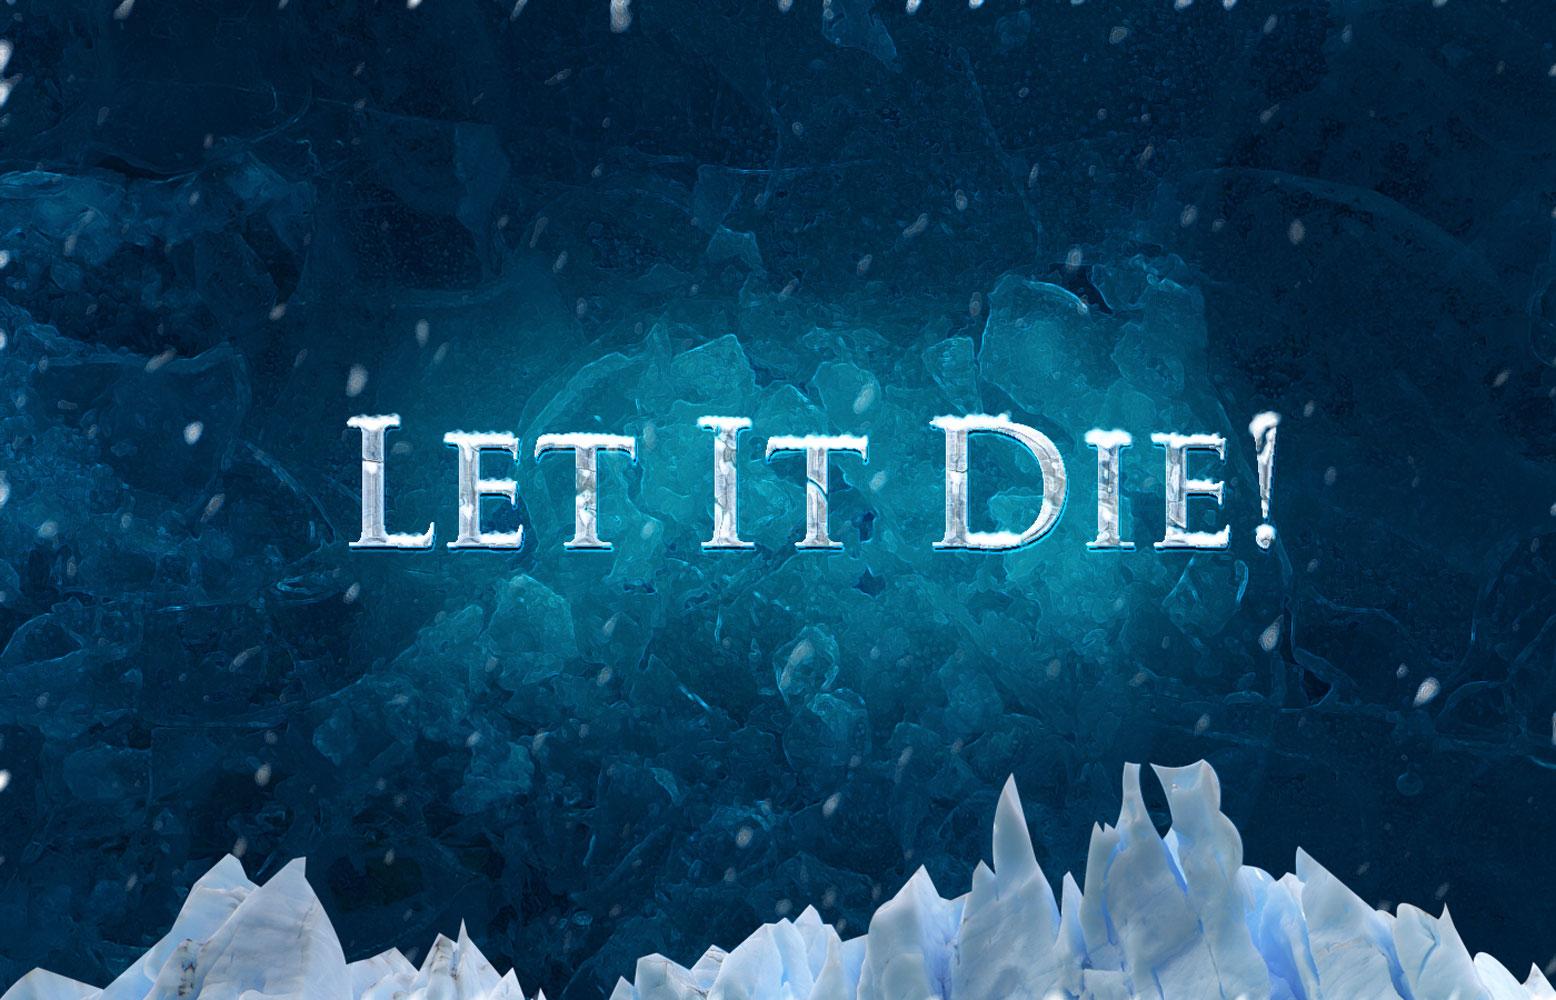 Let It Die!